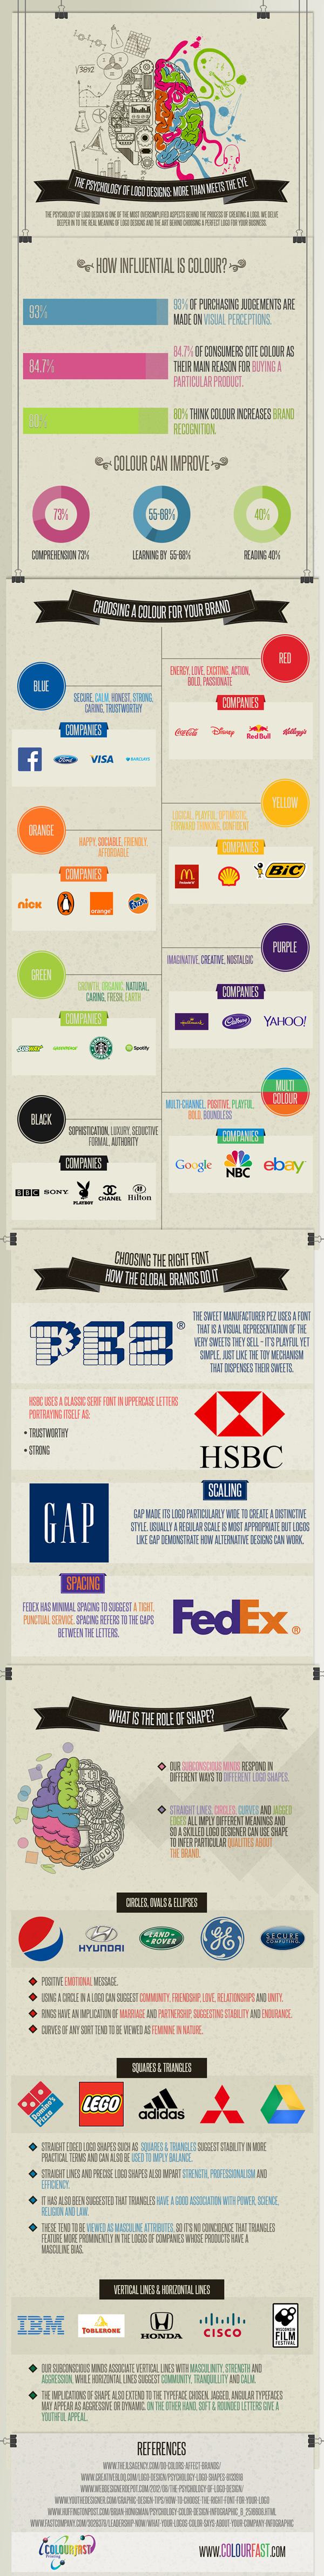 psicología-logo-colores-marcas-brand-marketeroslatam